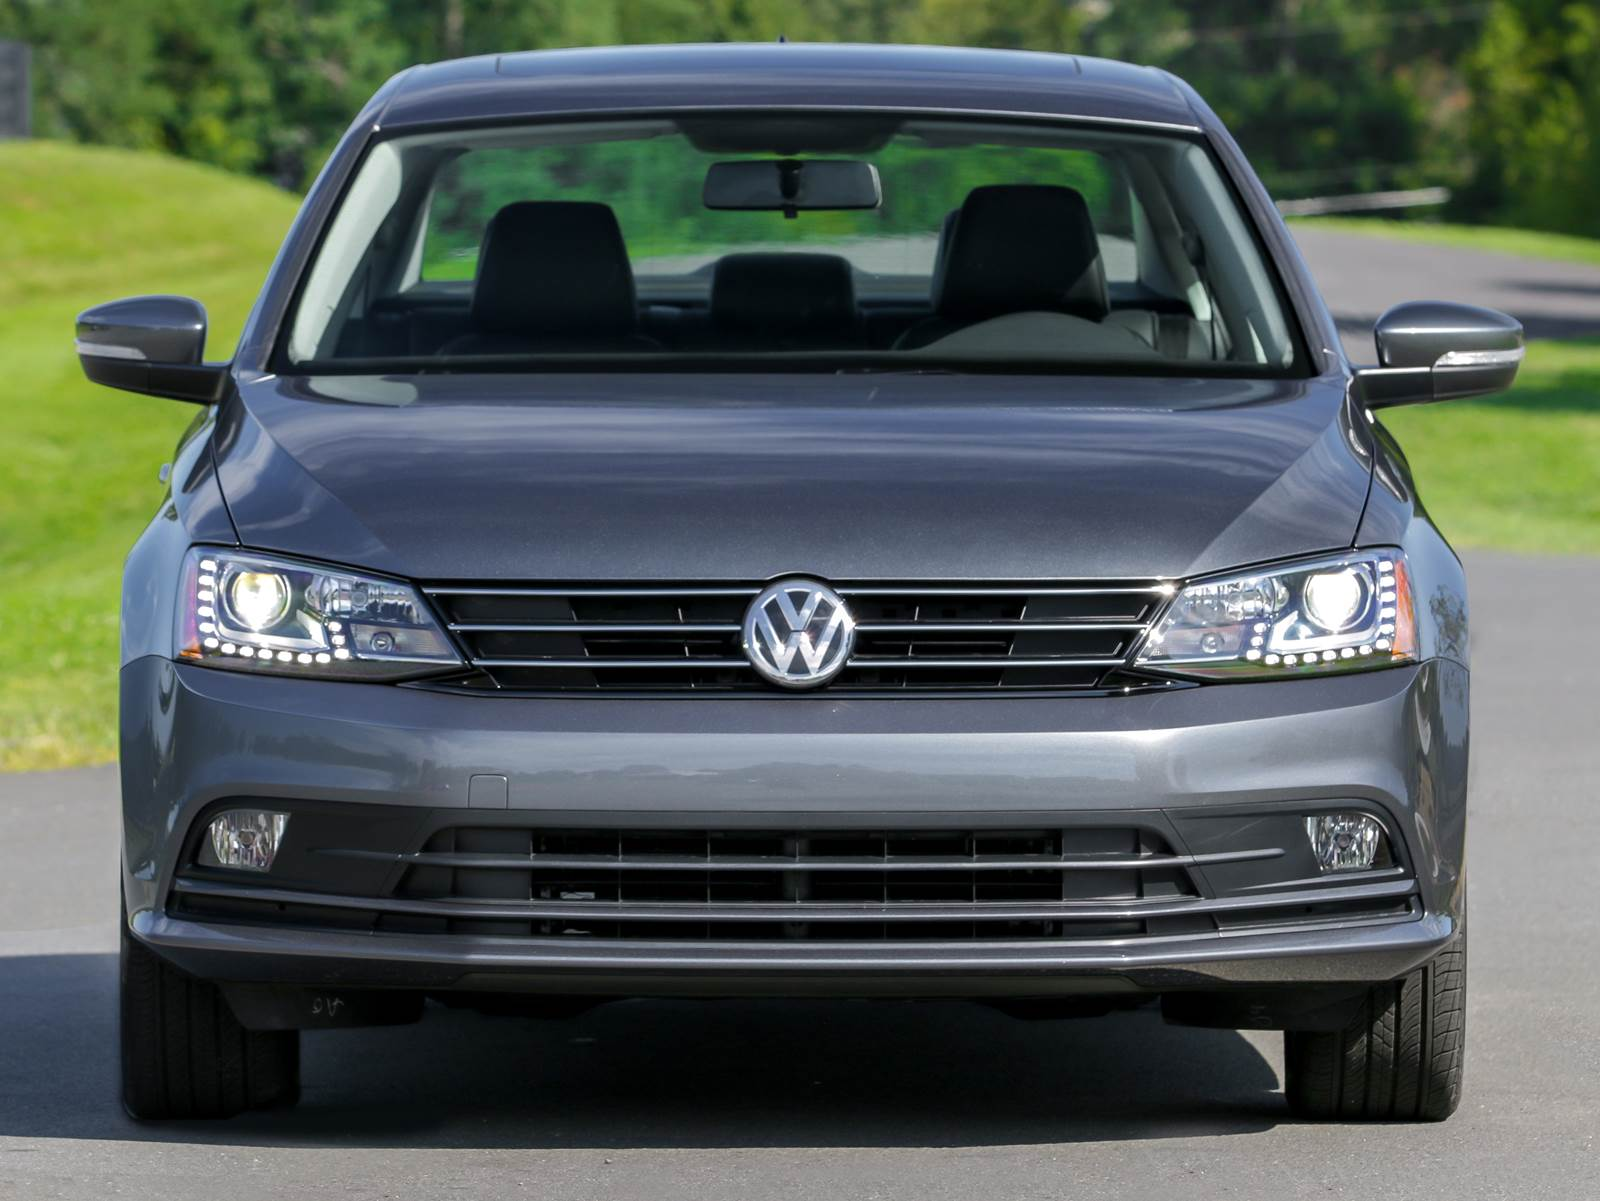 VW Jetta recall